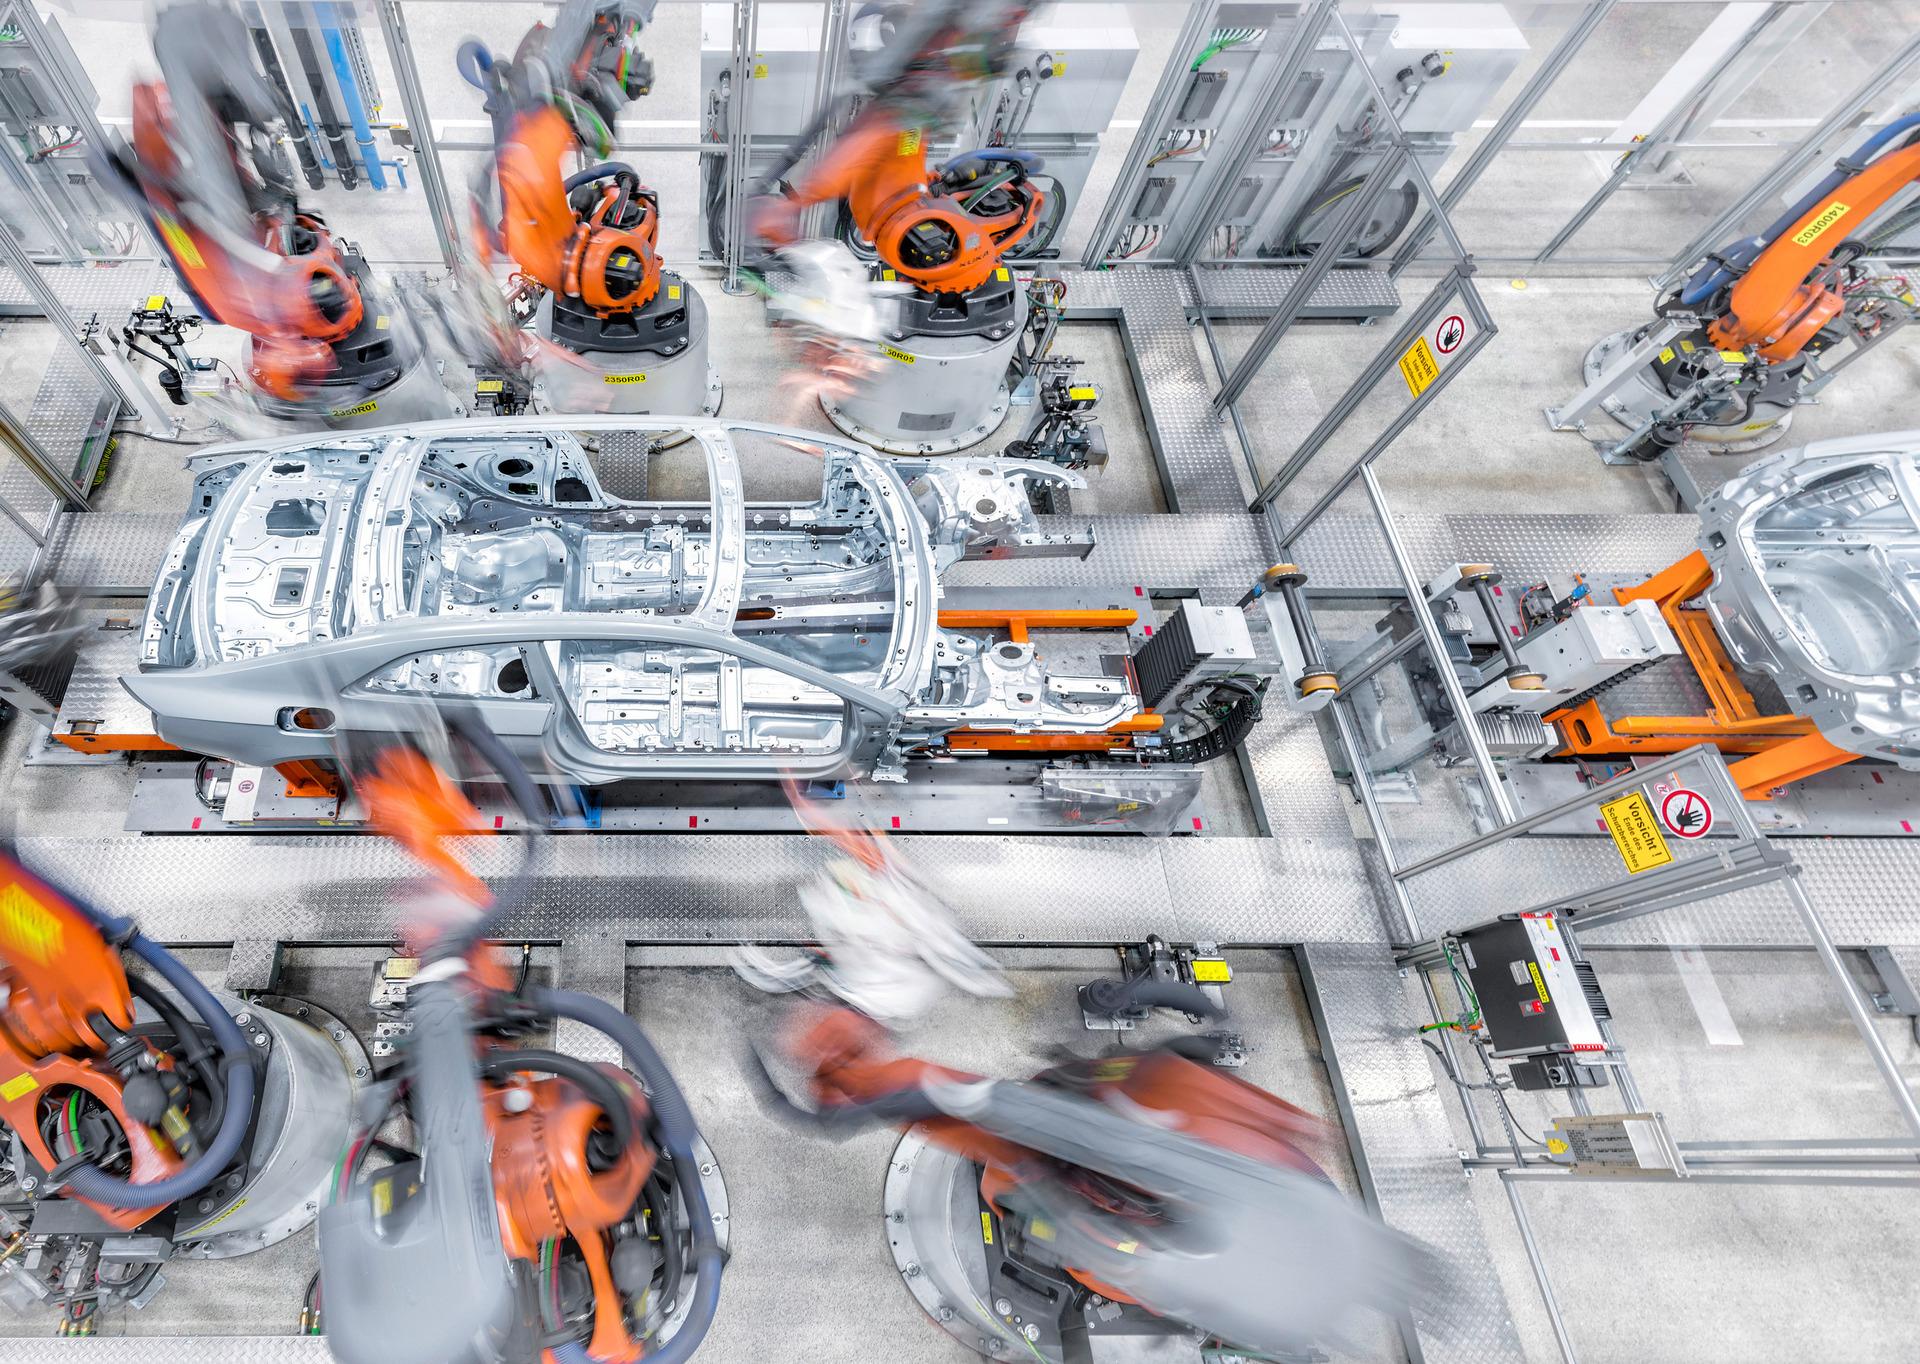 (AGOTADO) AUDI: Visitas virtuales guiadas gratis por guías oficiales a la fábrica de Audi en Ingolstadt (8, 9, 15, 16, 22 y 29 de Abril)